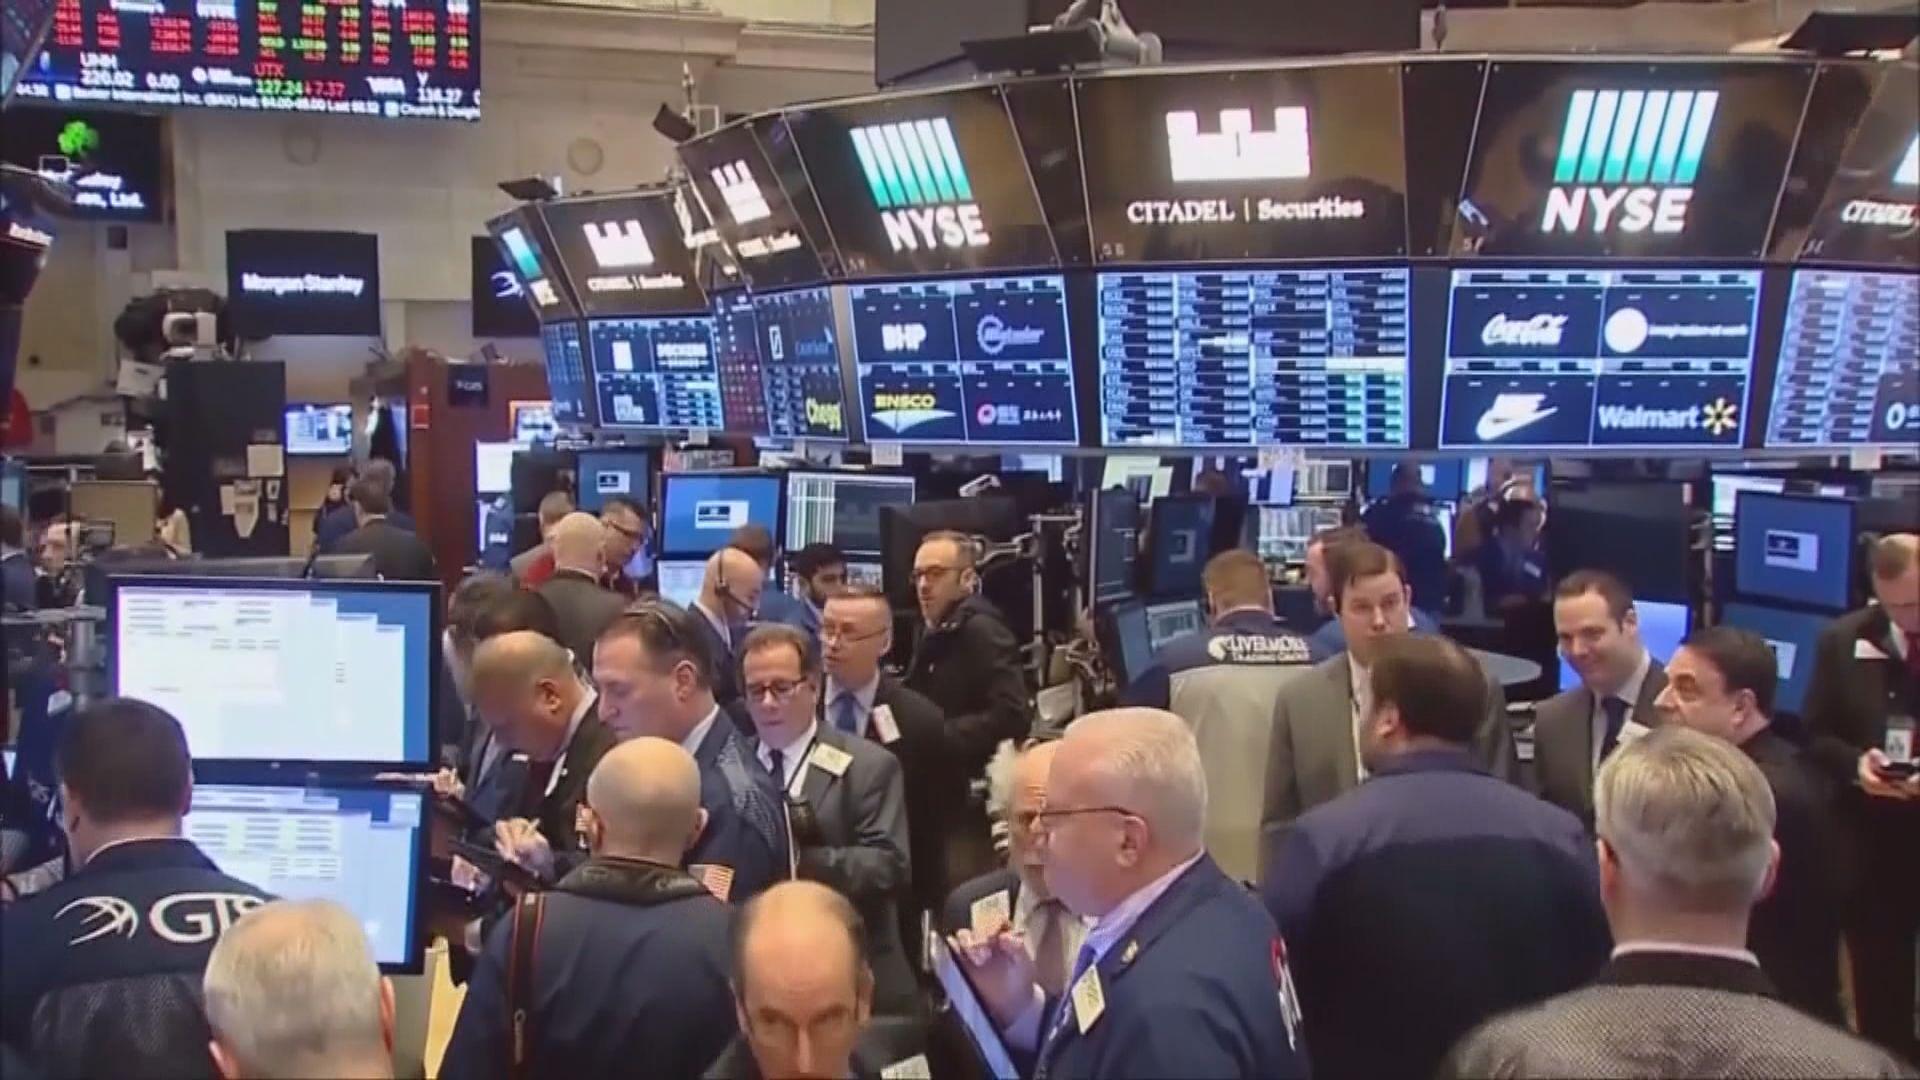 企業業績佳 美股3大指數升逾2%